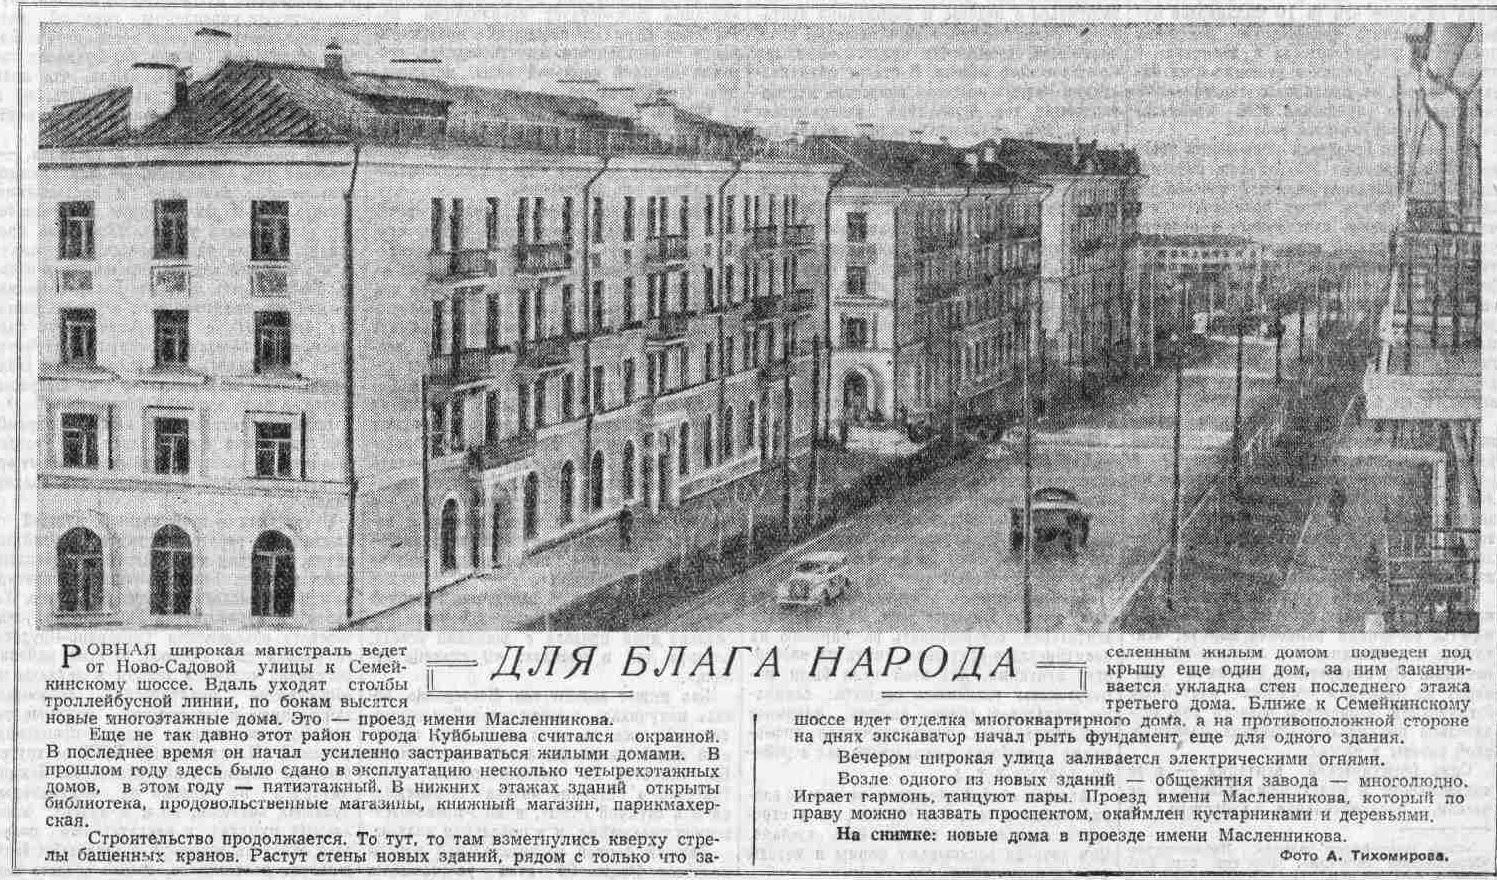 ФОТО-Масленникова-19-ВКа-1955-11-24-фото пр. Масленникова